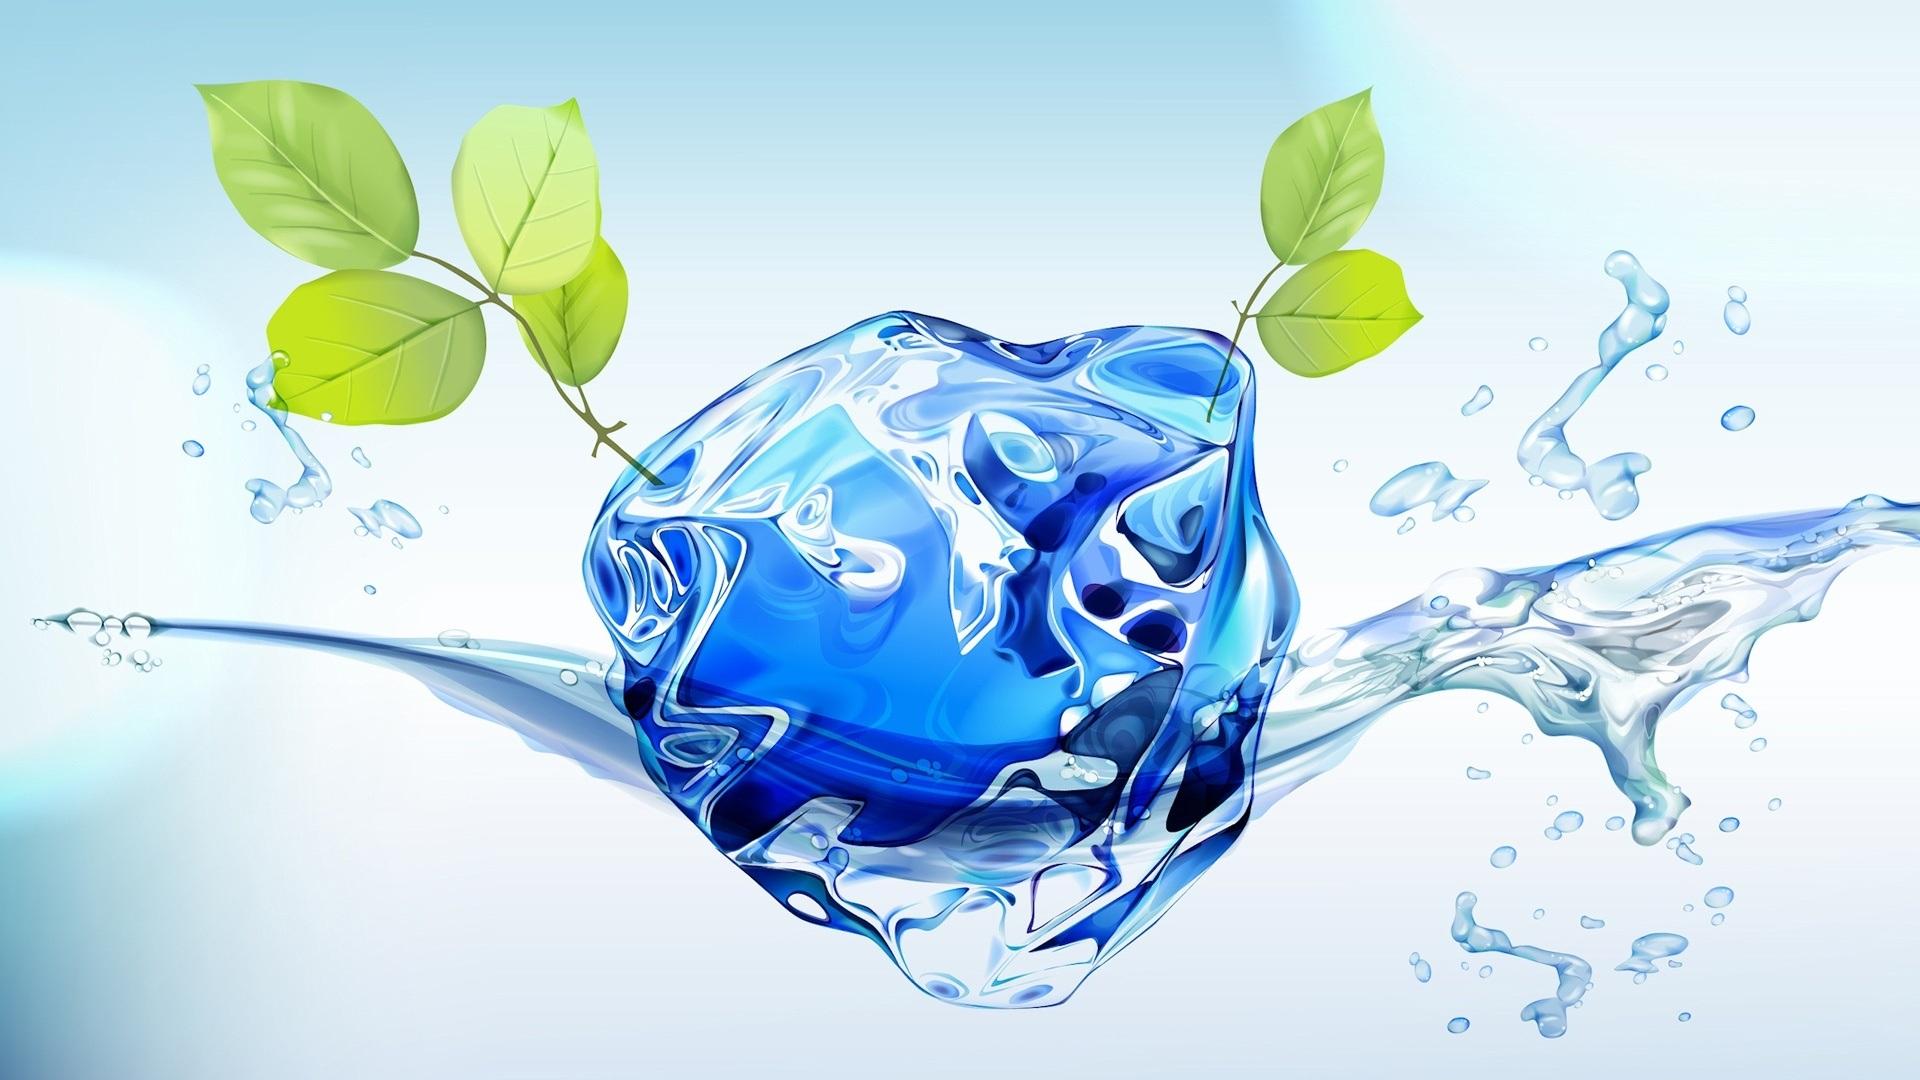 eau en 3D avec des feuilles vertes Fonds d'écran - 1920x1080 Full ...